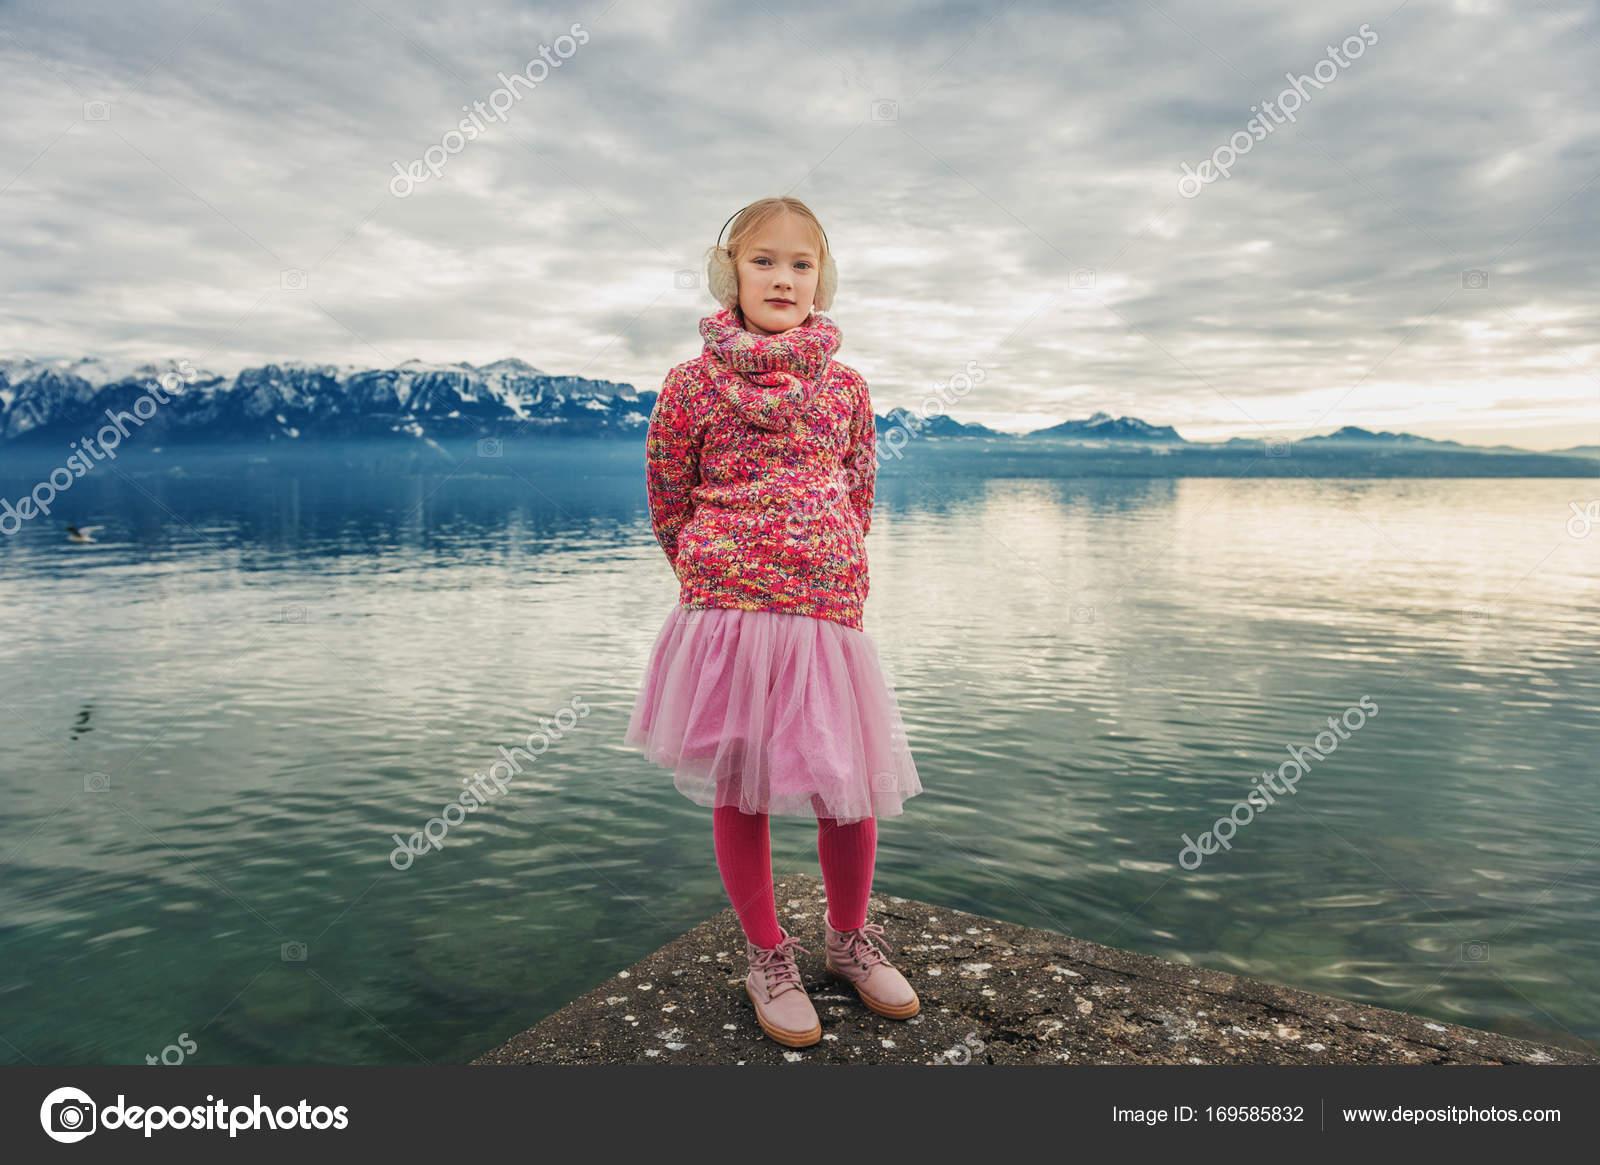 aa6ac444b1e9 Entzückende kleine Mädchen ruhen am Genfer See an einem kalten Wintertag  tragen warmen rosa Pullover, Tutu Rock, Strumpfhosen und Schuhe, ...